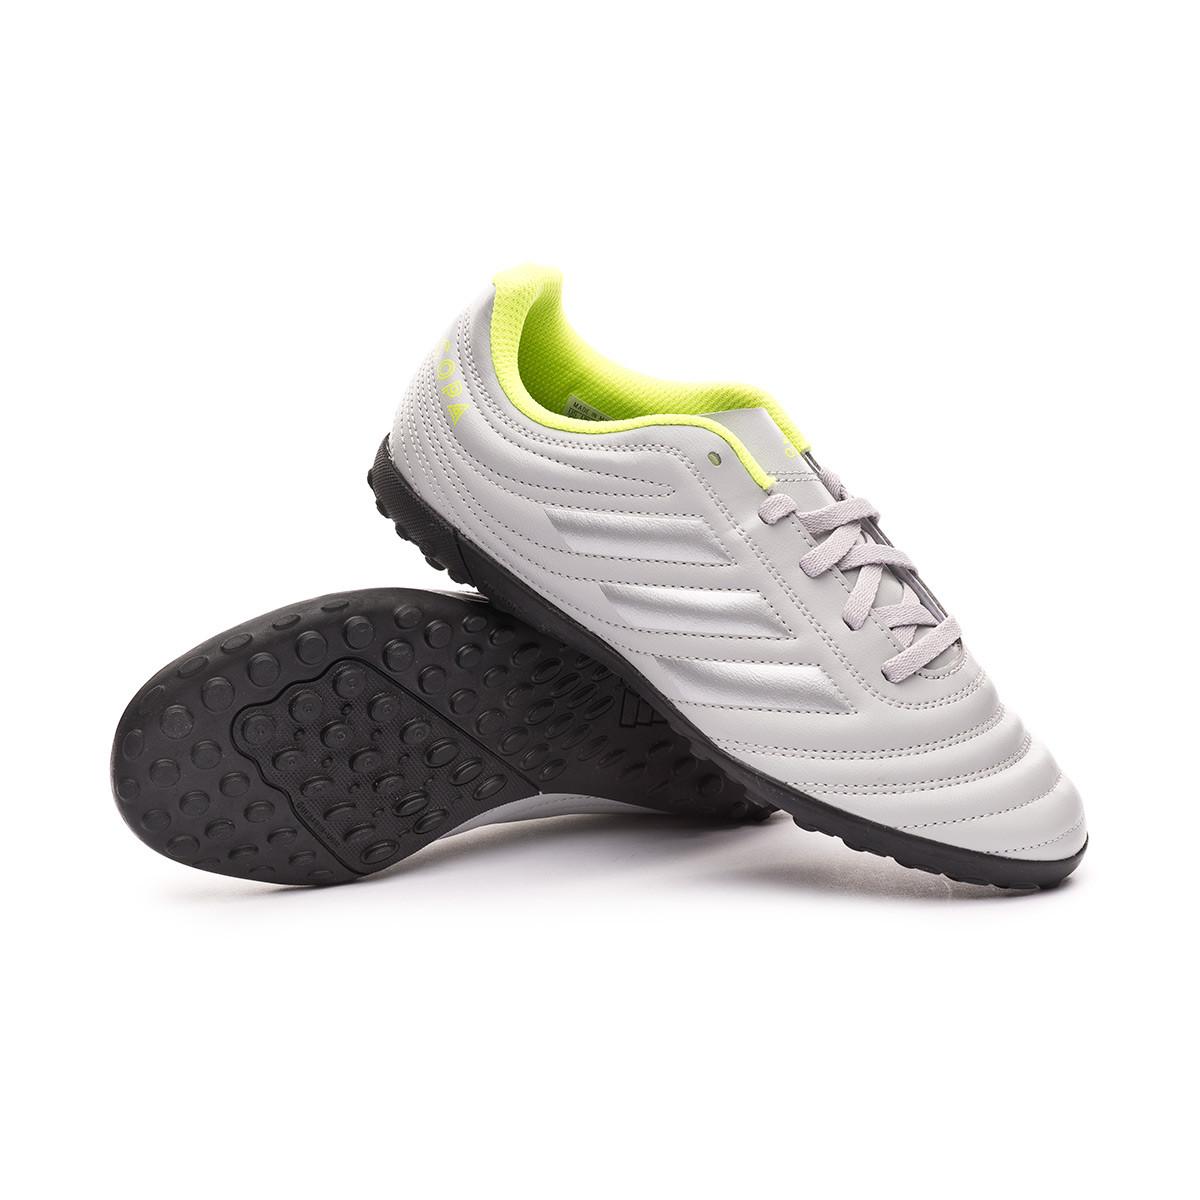 zapatos adidas blanco precio en colombia inglaterra directo